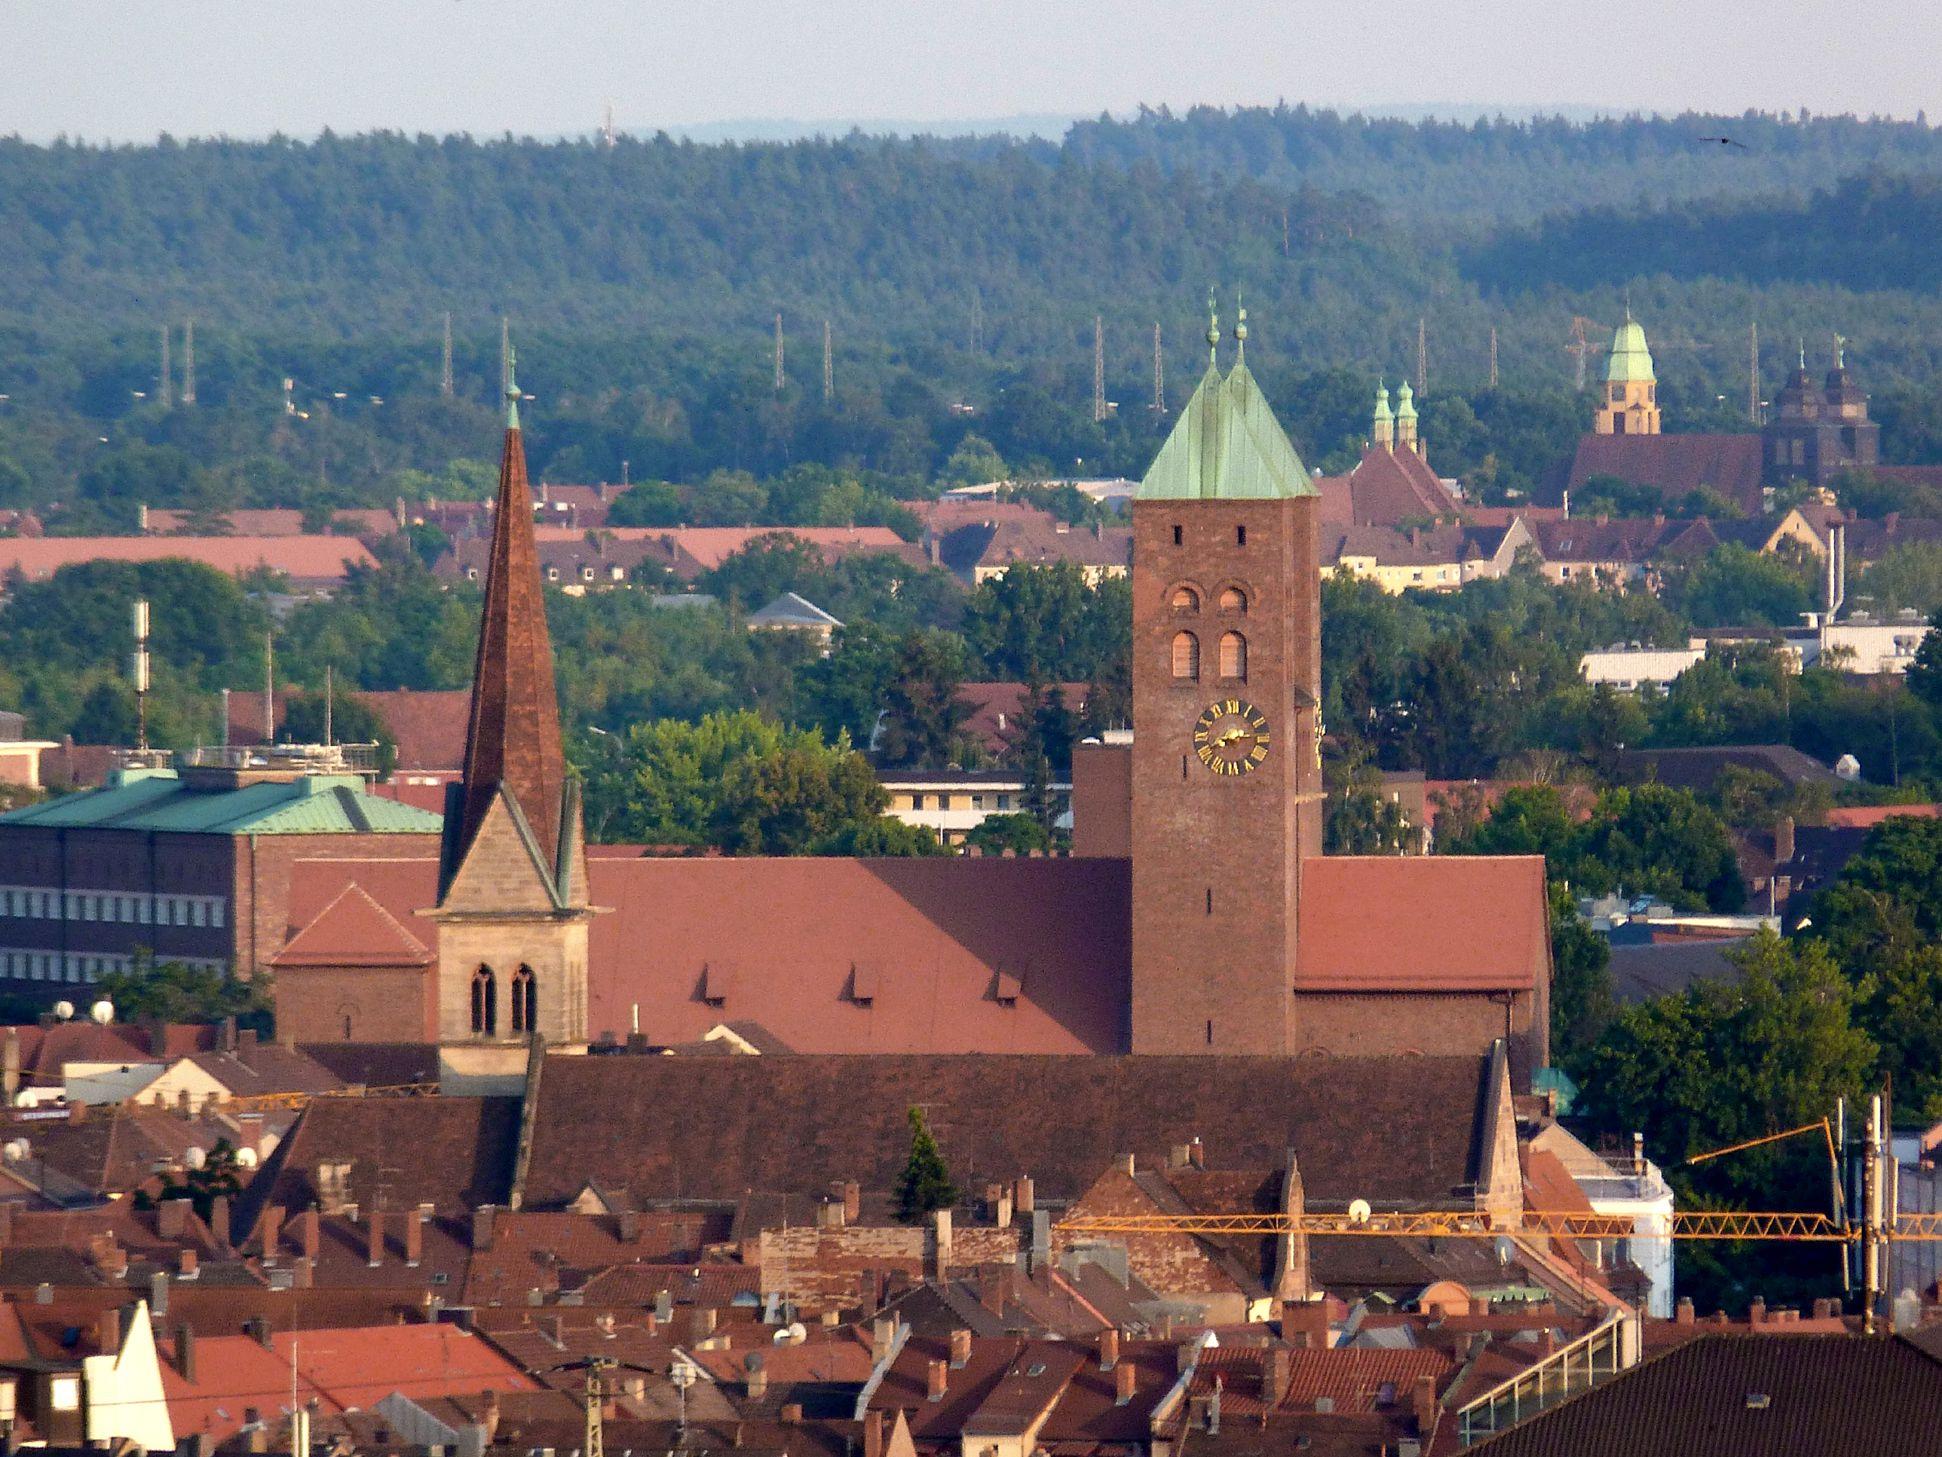 Gustav-Adolf-Gedächtniskirche Blick über die Dächer der Südstadt, Herz-Jesu-Kirche im Vordergrund, Rangierbahnhof-Siedlung am hinteren rechten Bildrand